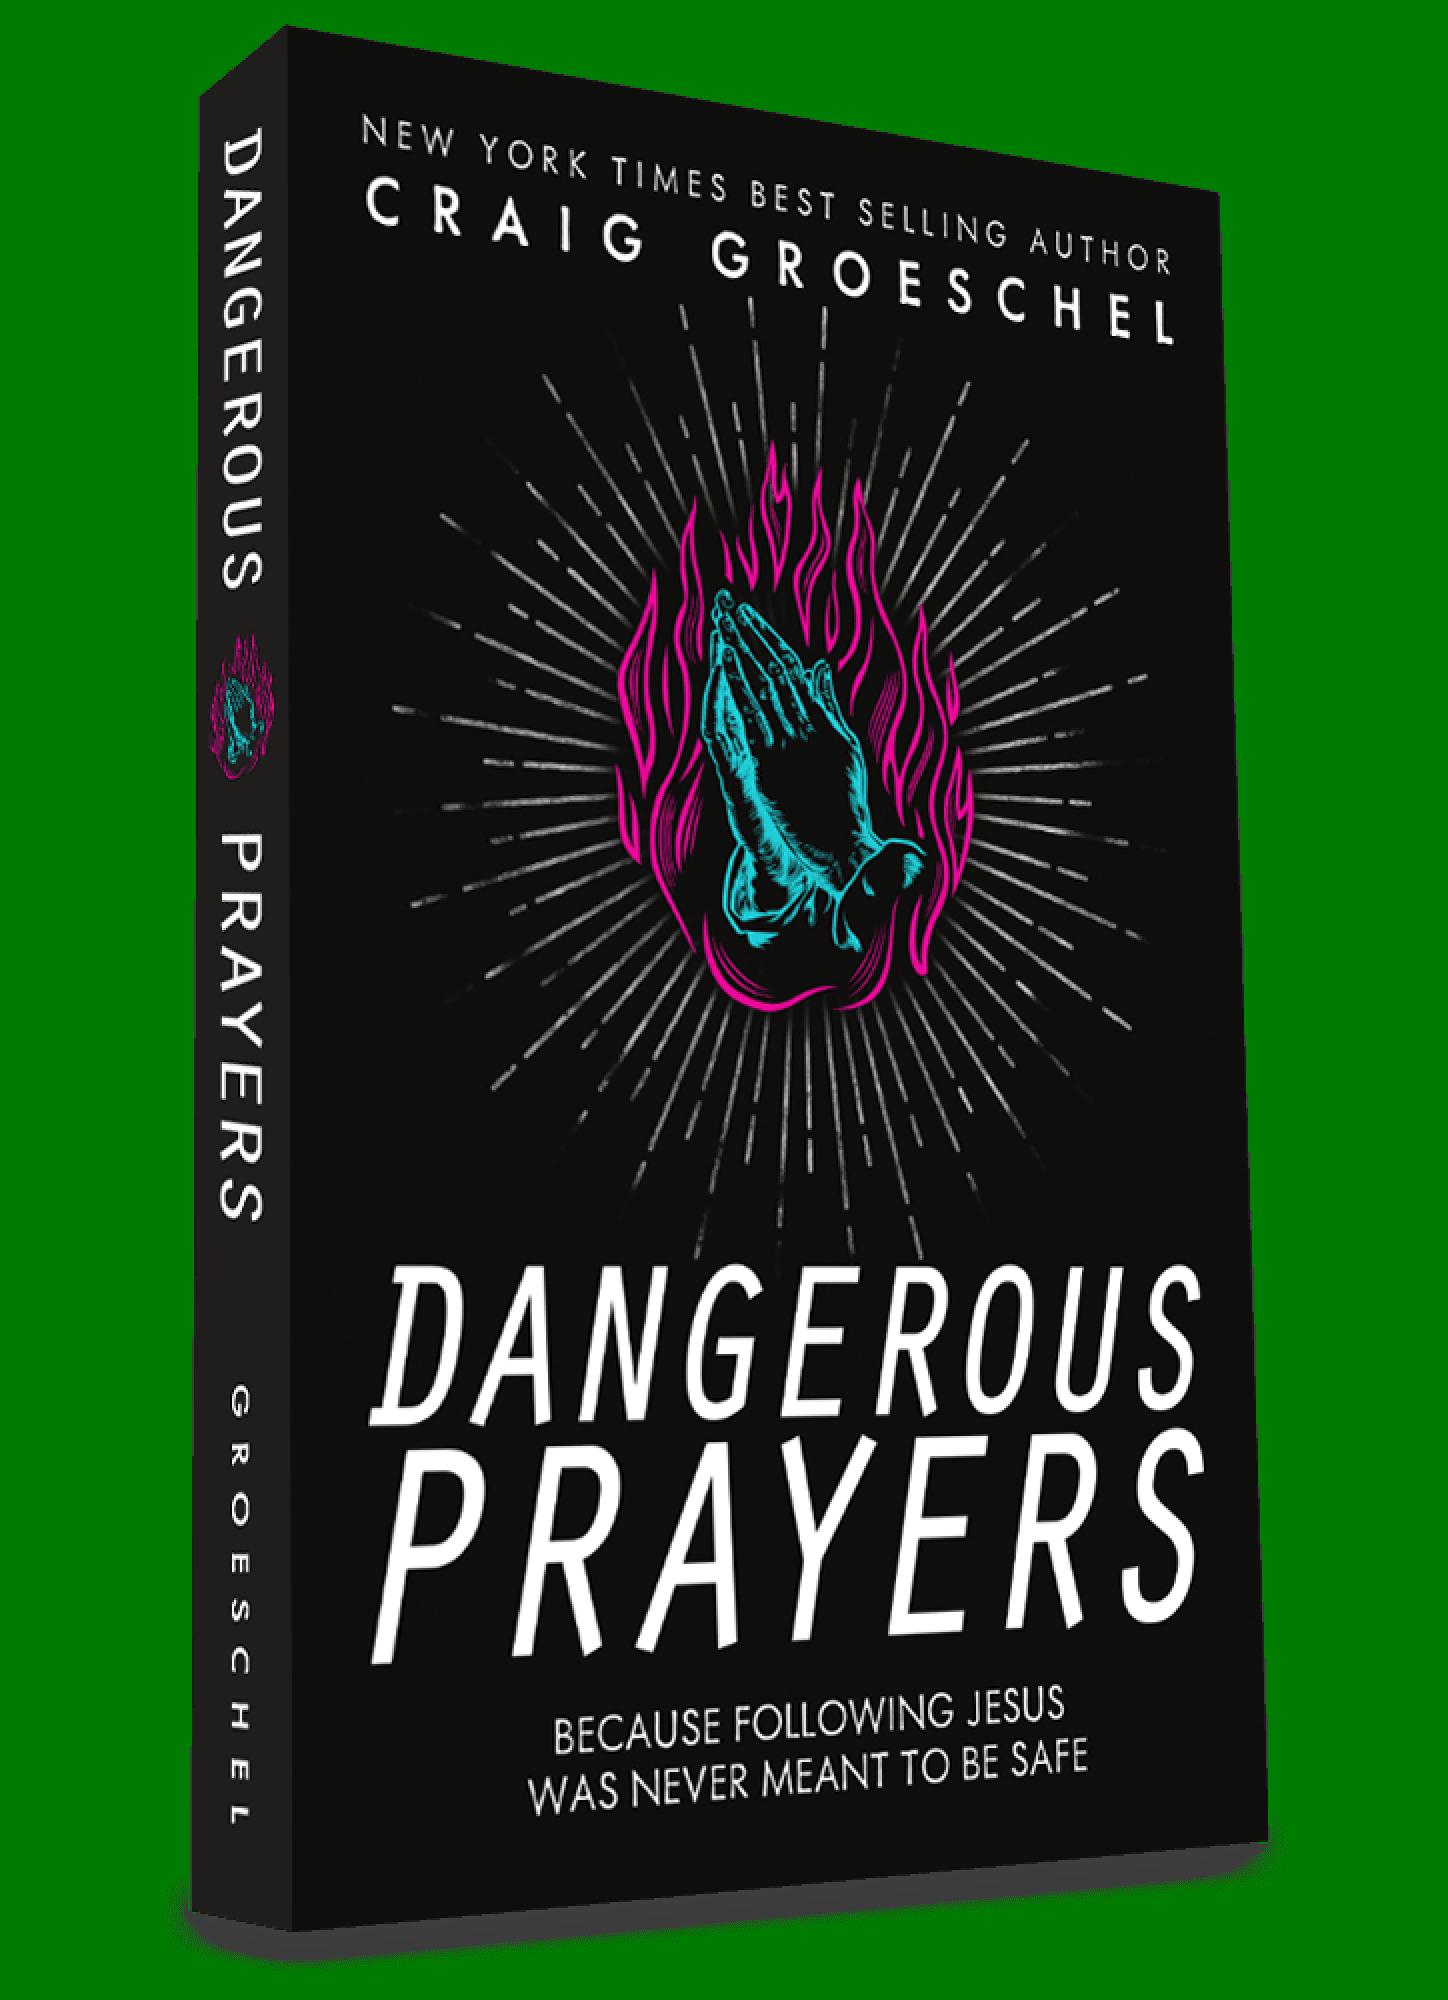 Book image - Dangerous Prayers by Craig Groeschel